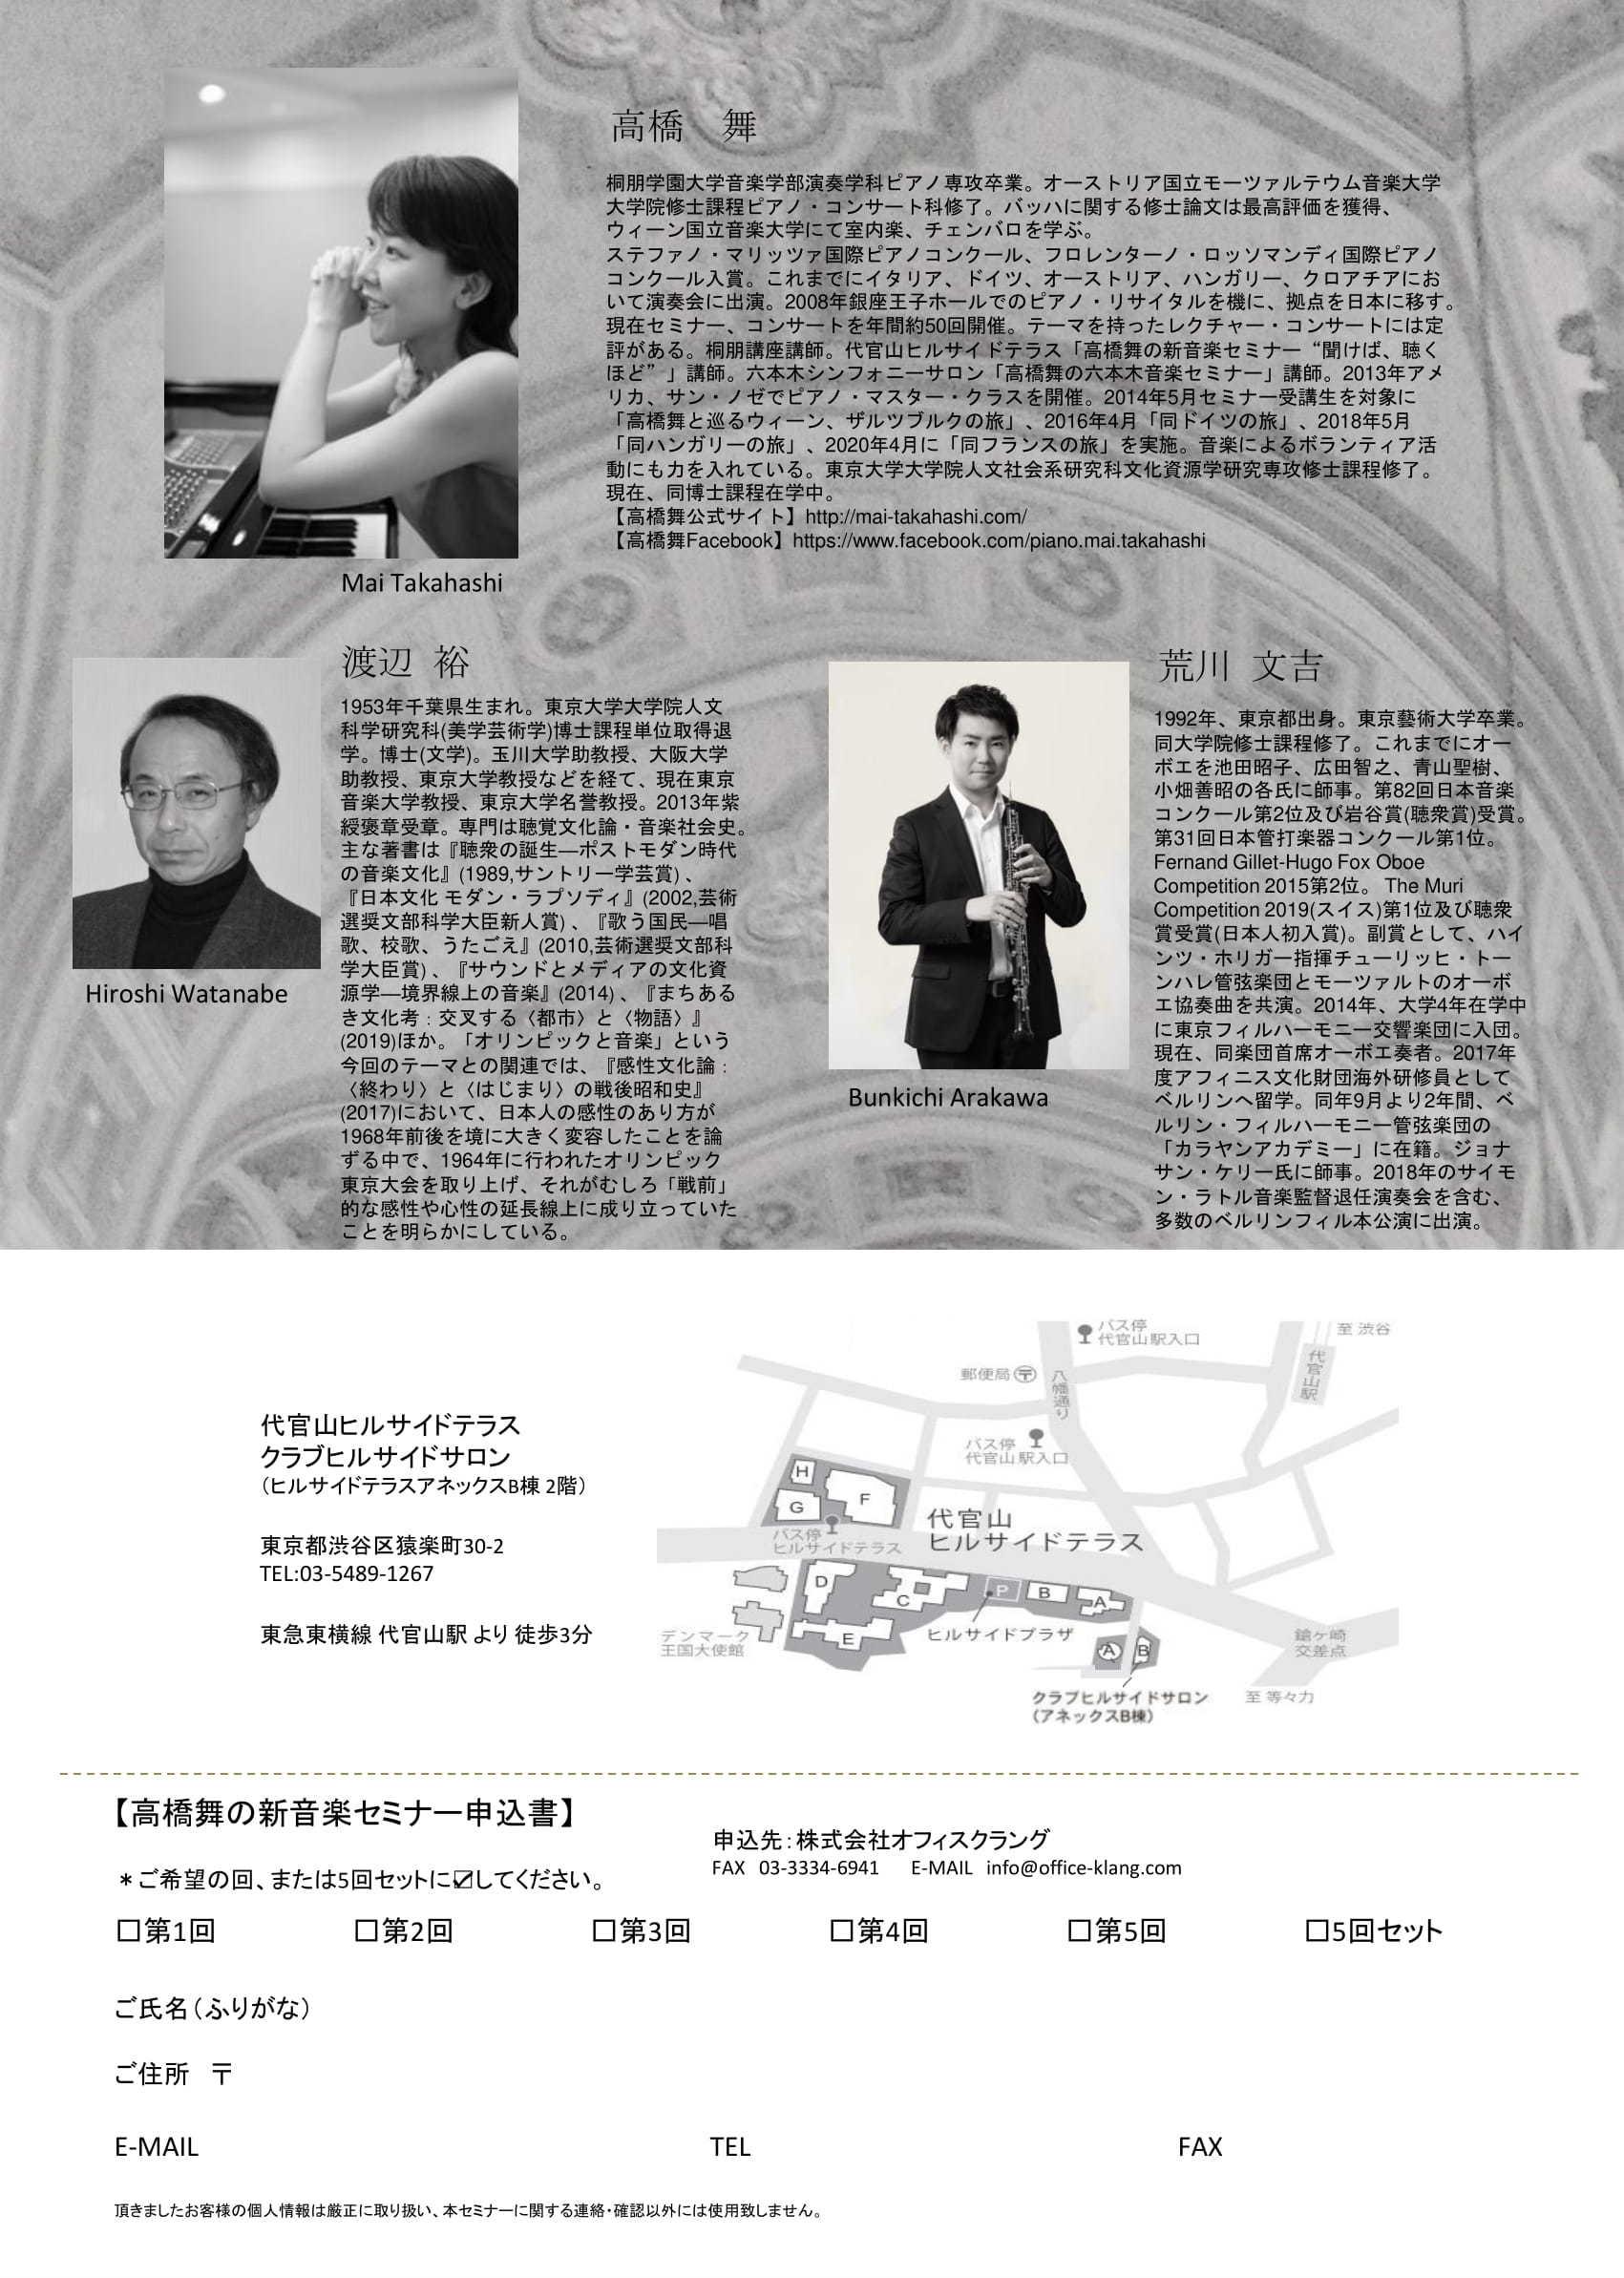 """高橋舞の新音楽セミナー\""""聞けば、聴くほど\""""Vol.9のご案内_f0178060_12452938.jpg"""